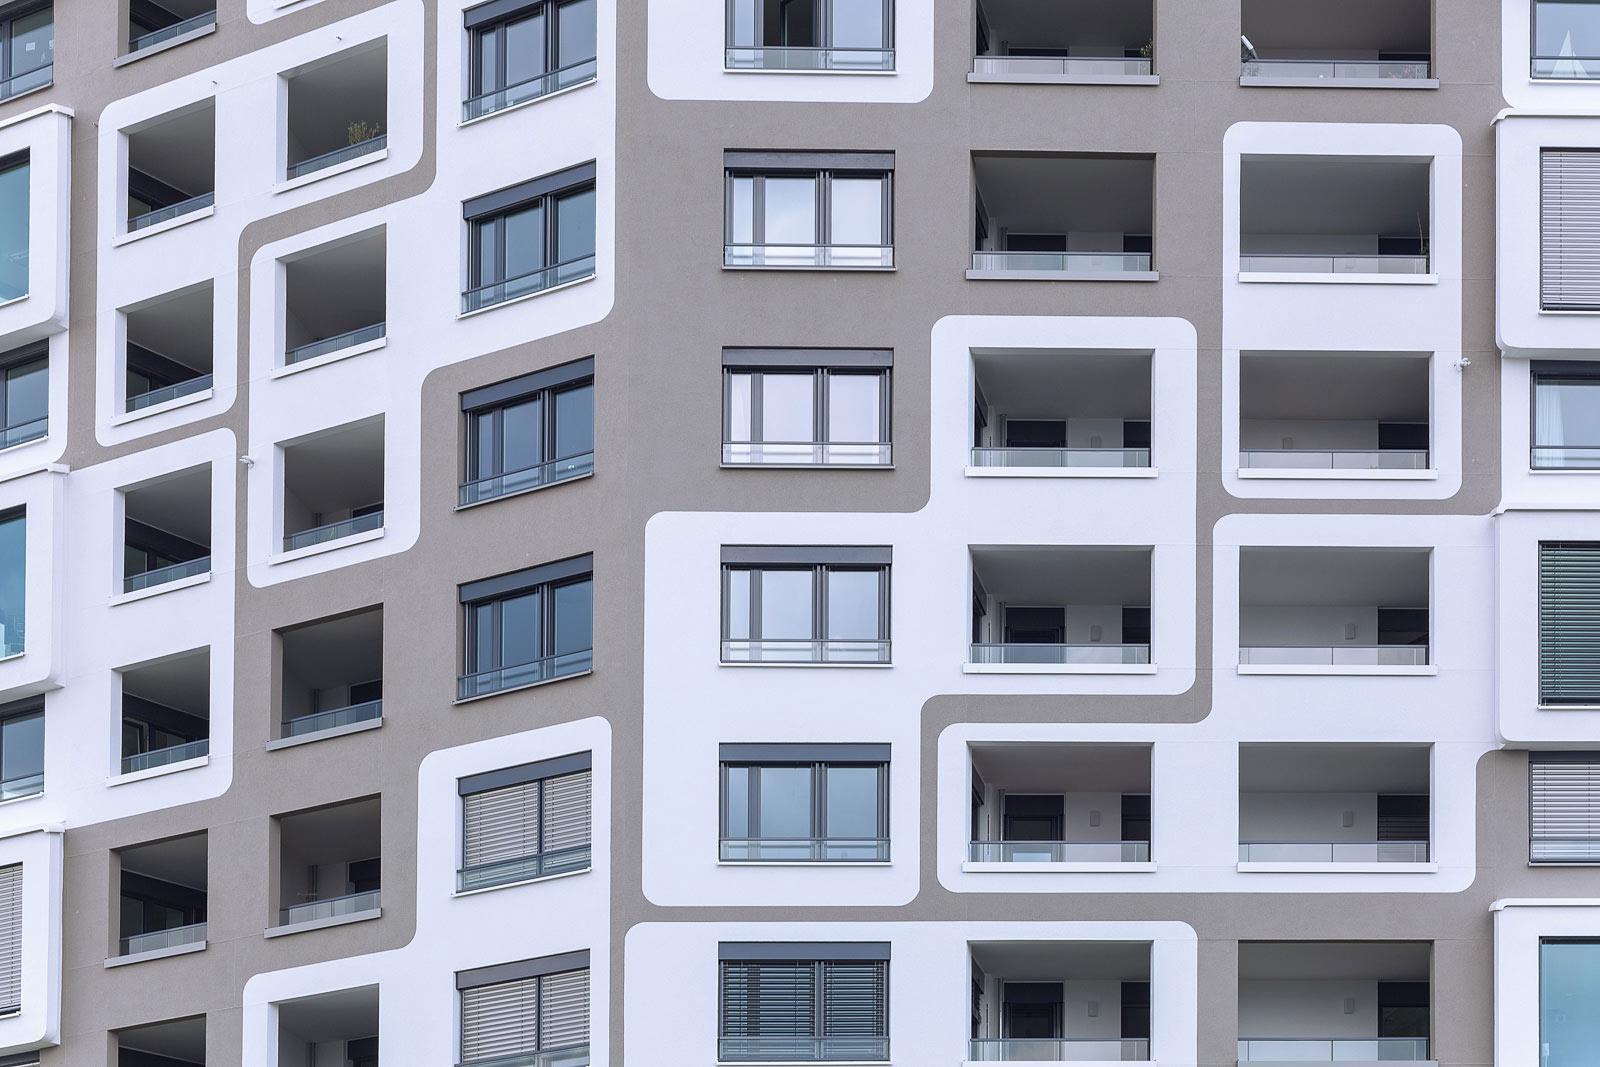 Immobilien Projekte, Architekturfotograf in München